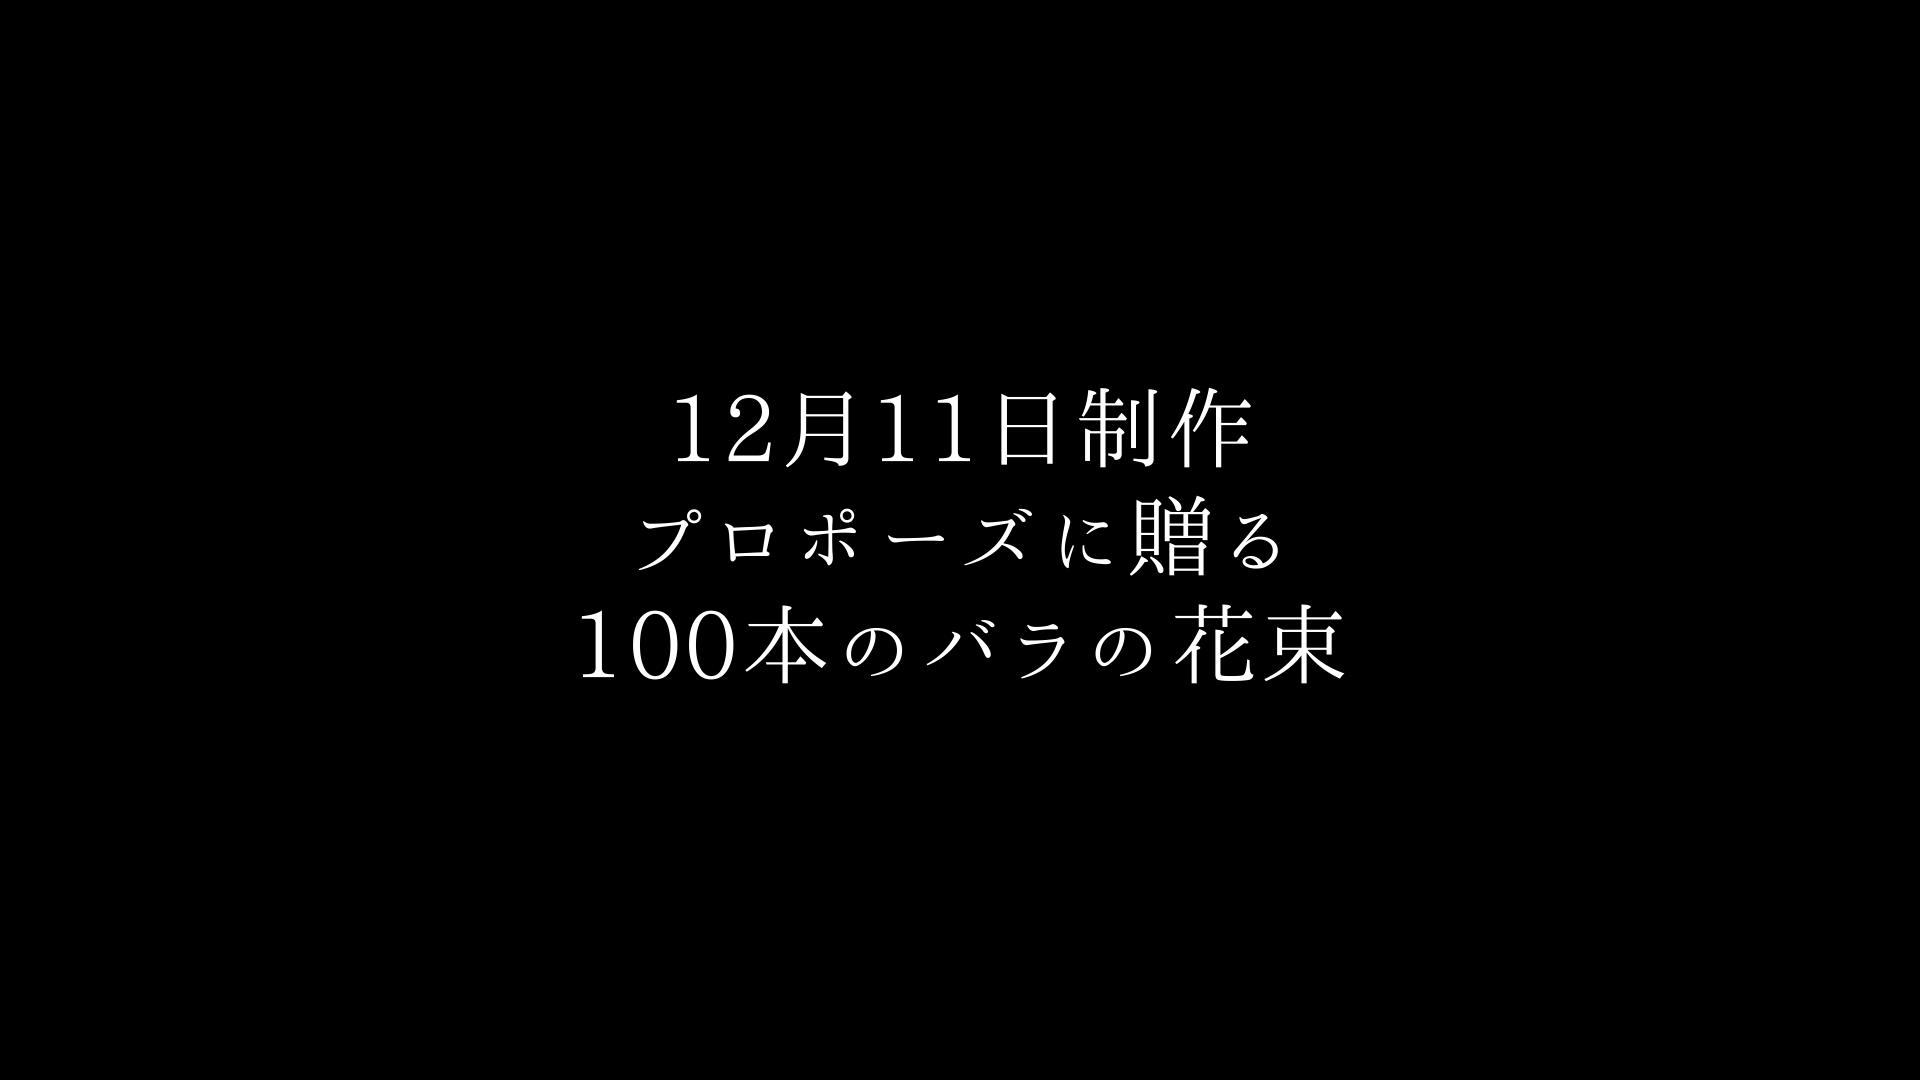 プロポーズに贈るバラ100本の花束制作動画 2020.12.11撮影